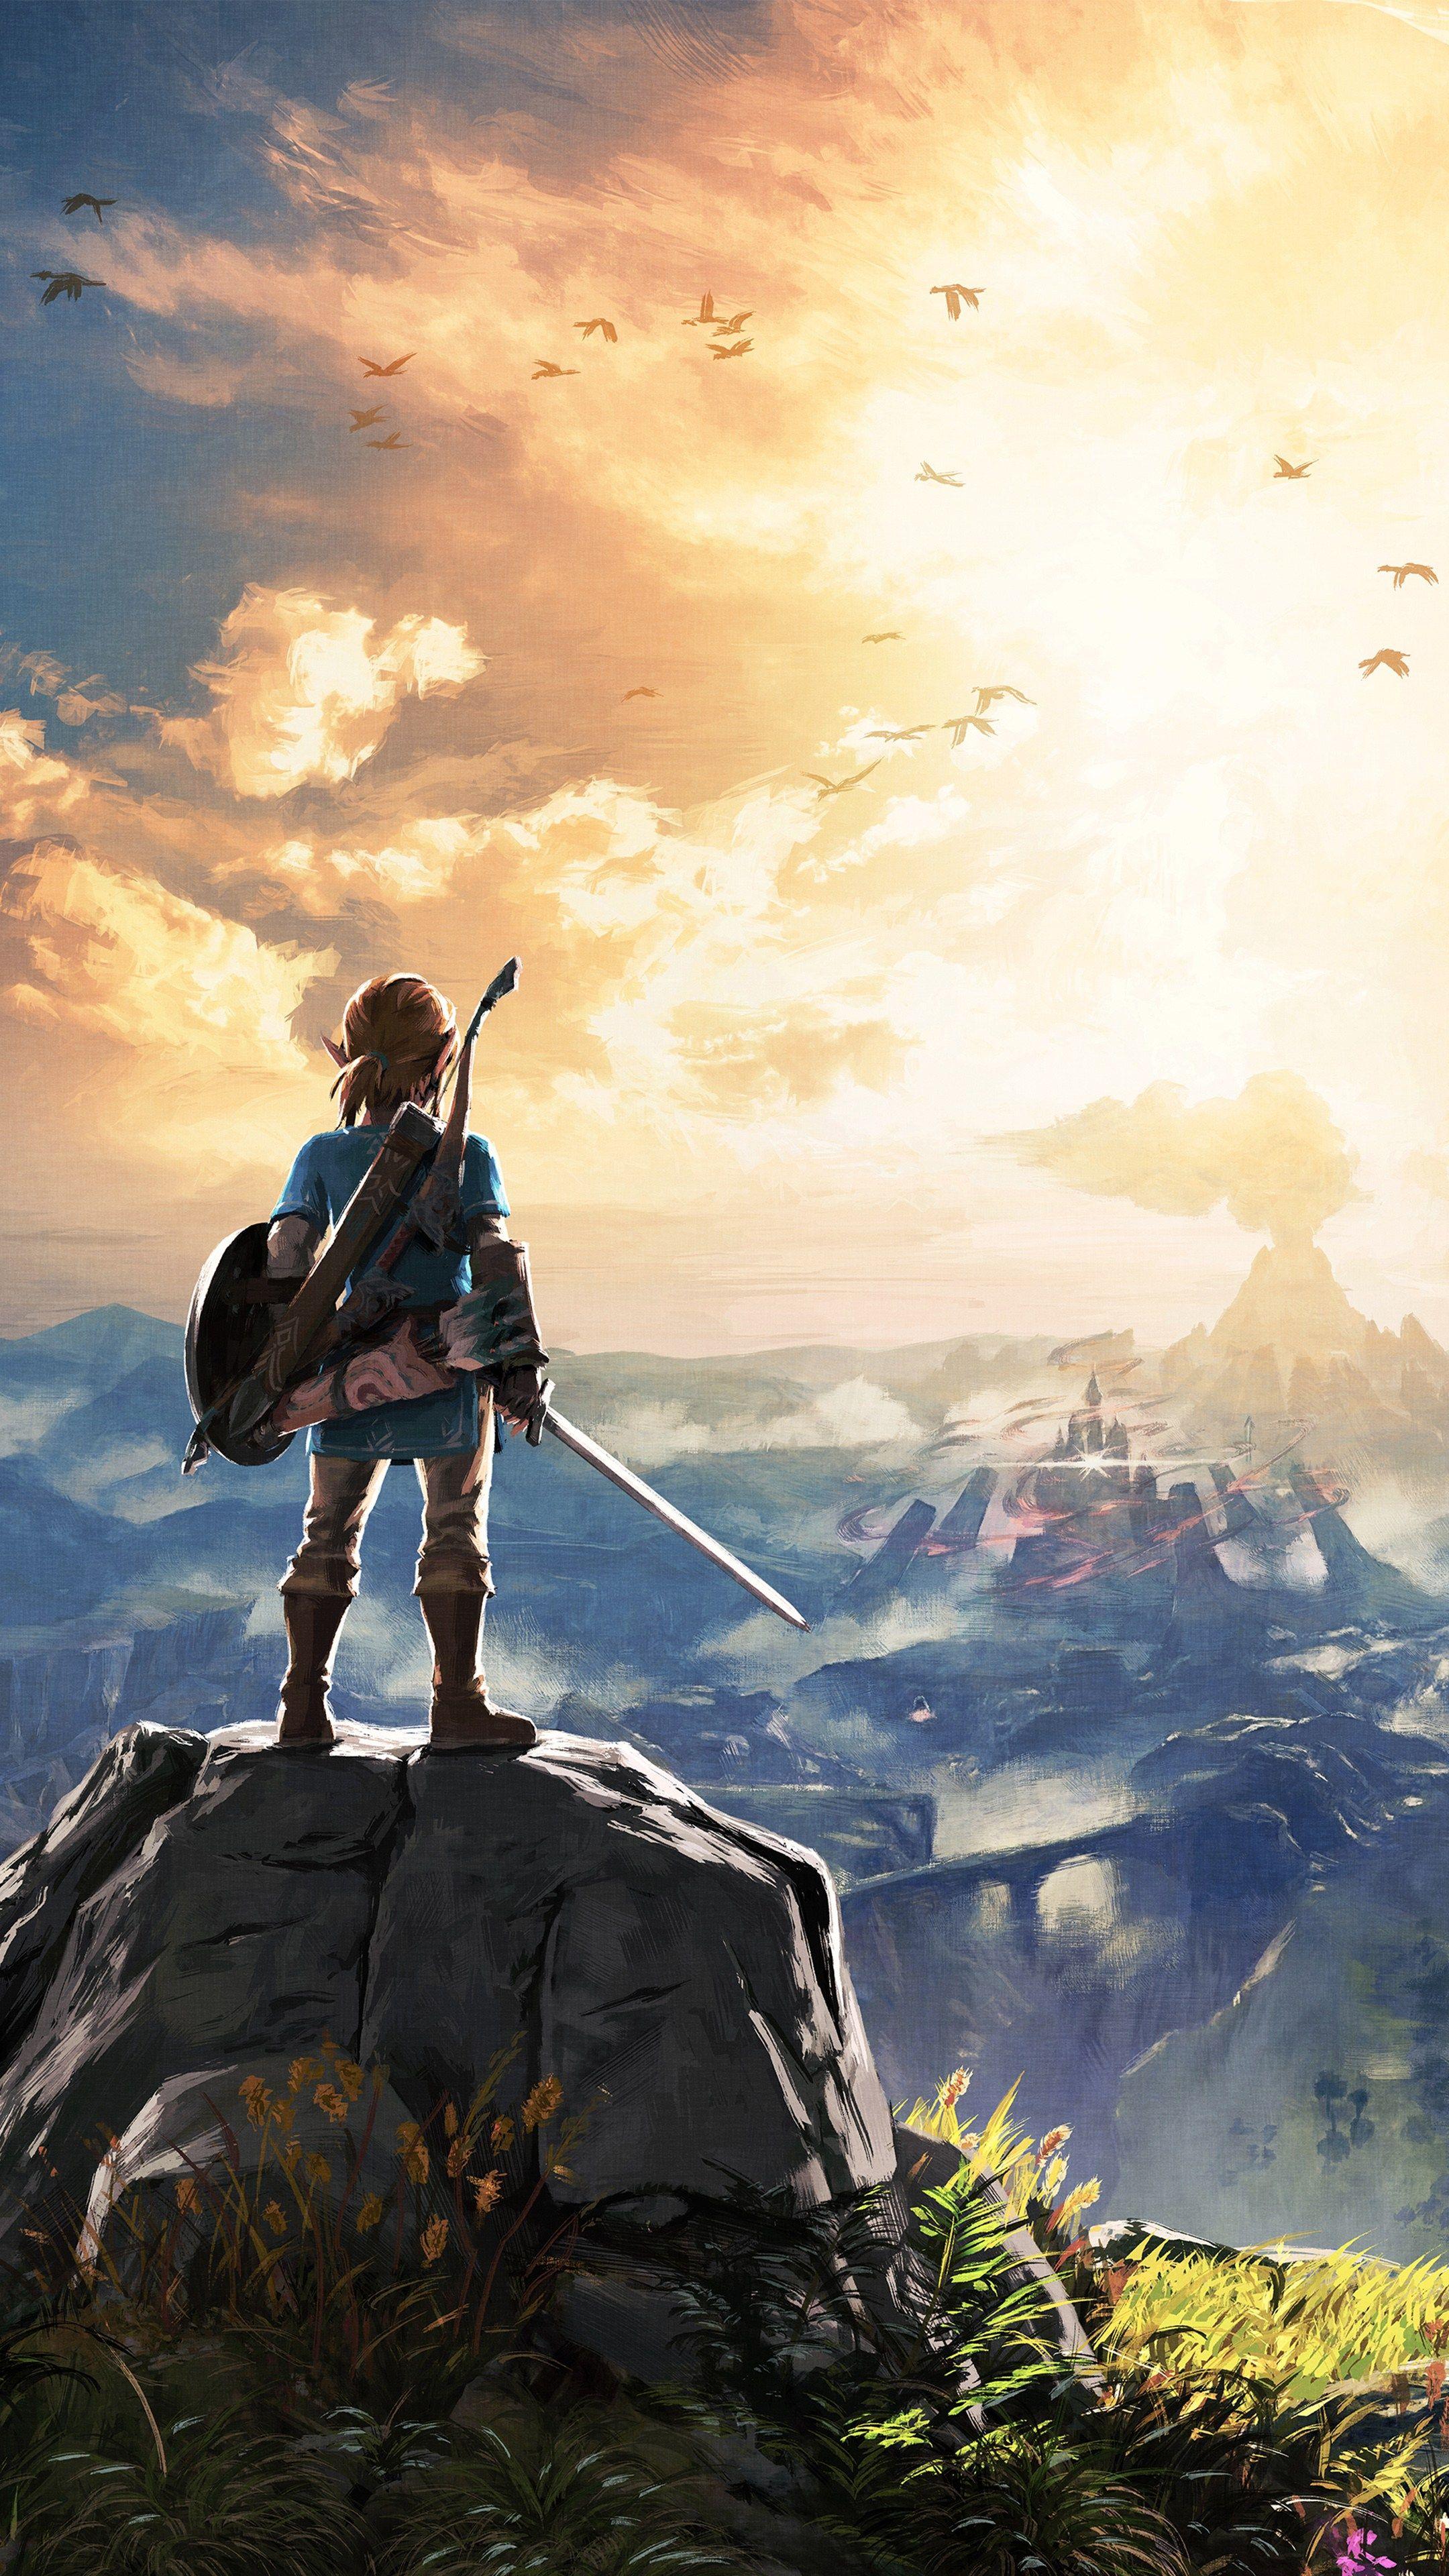 The Legend Of Zelda Breath Of The Wild Wallpapers Zelda Breath Of The Wild Legend Of Zelda